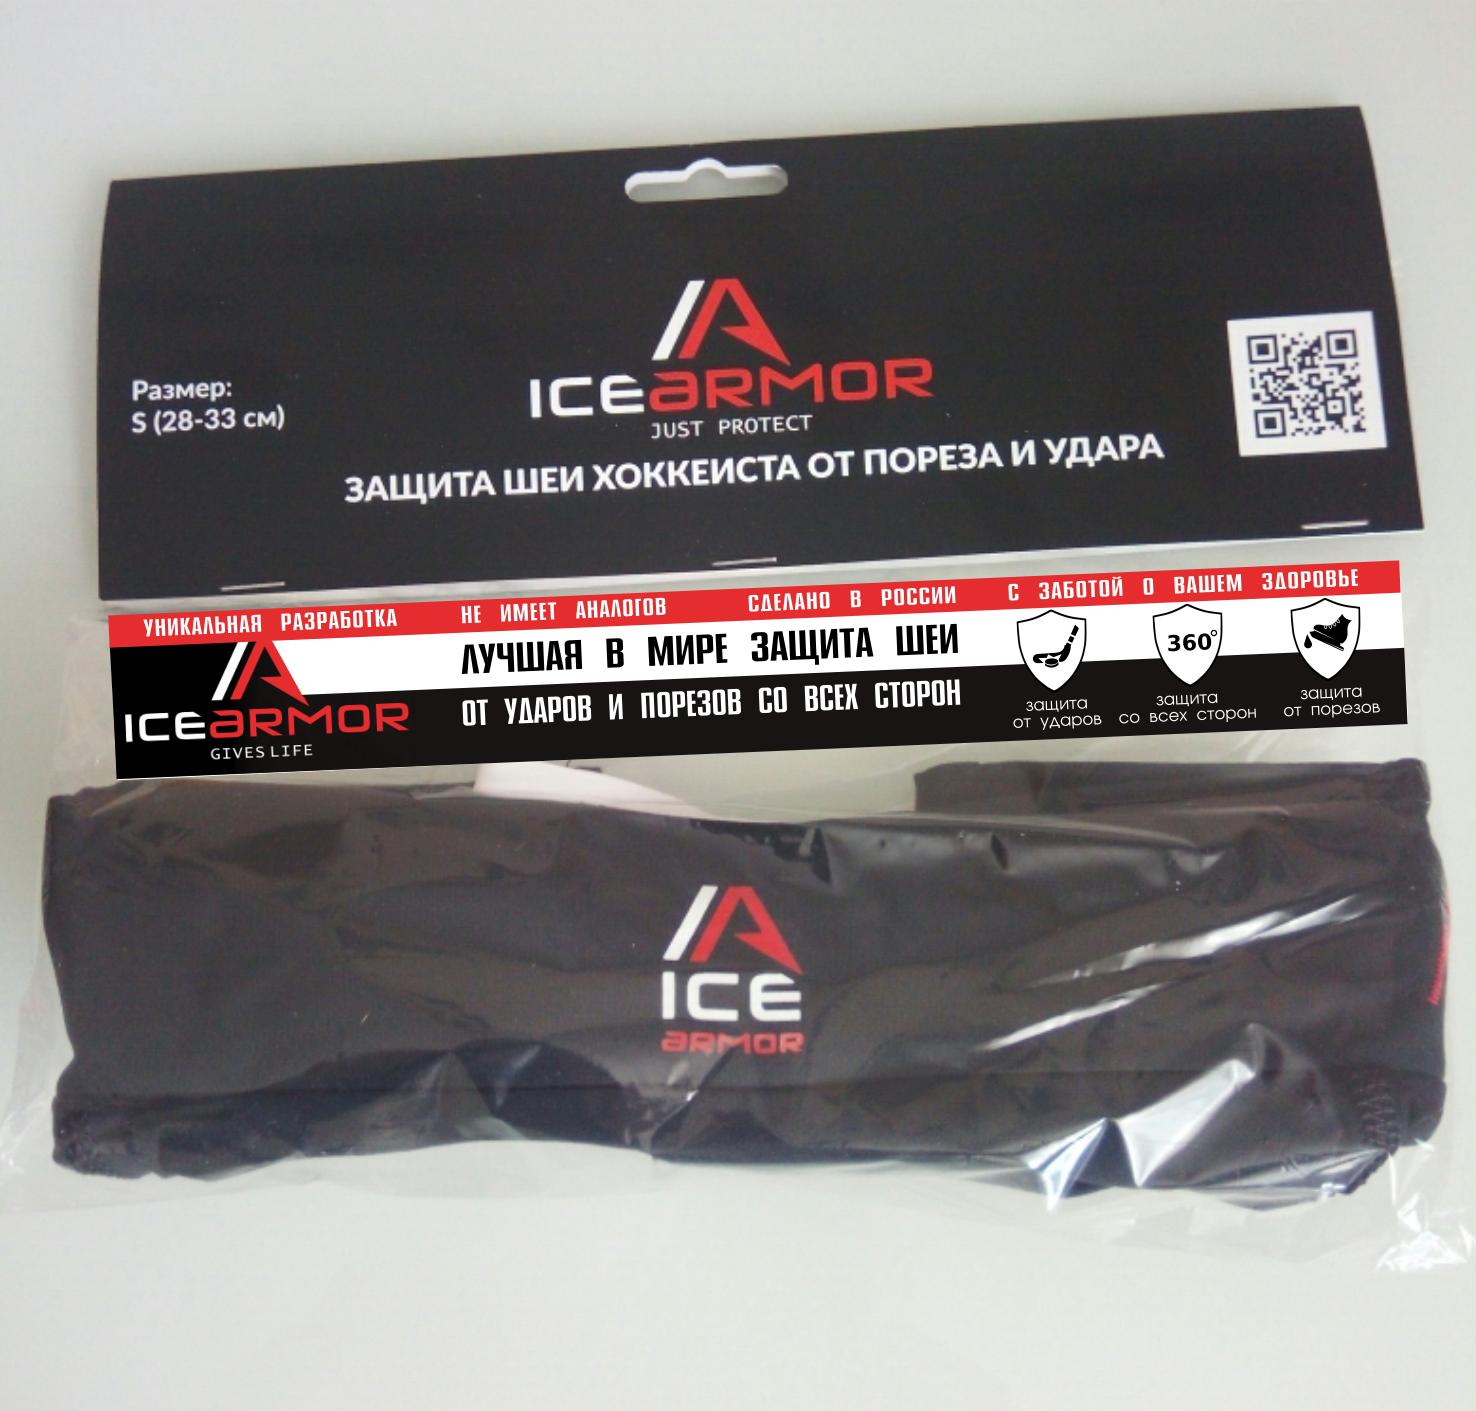 Дизайн продающей наклейки на упаковку уникального продукта фото f_7485b2208c22f57a.png